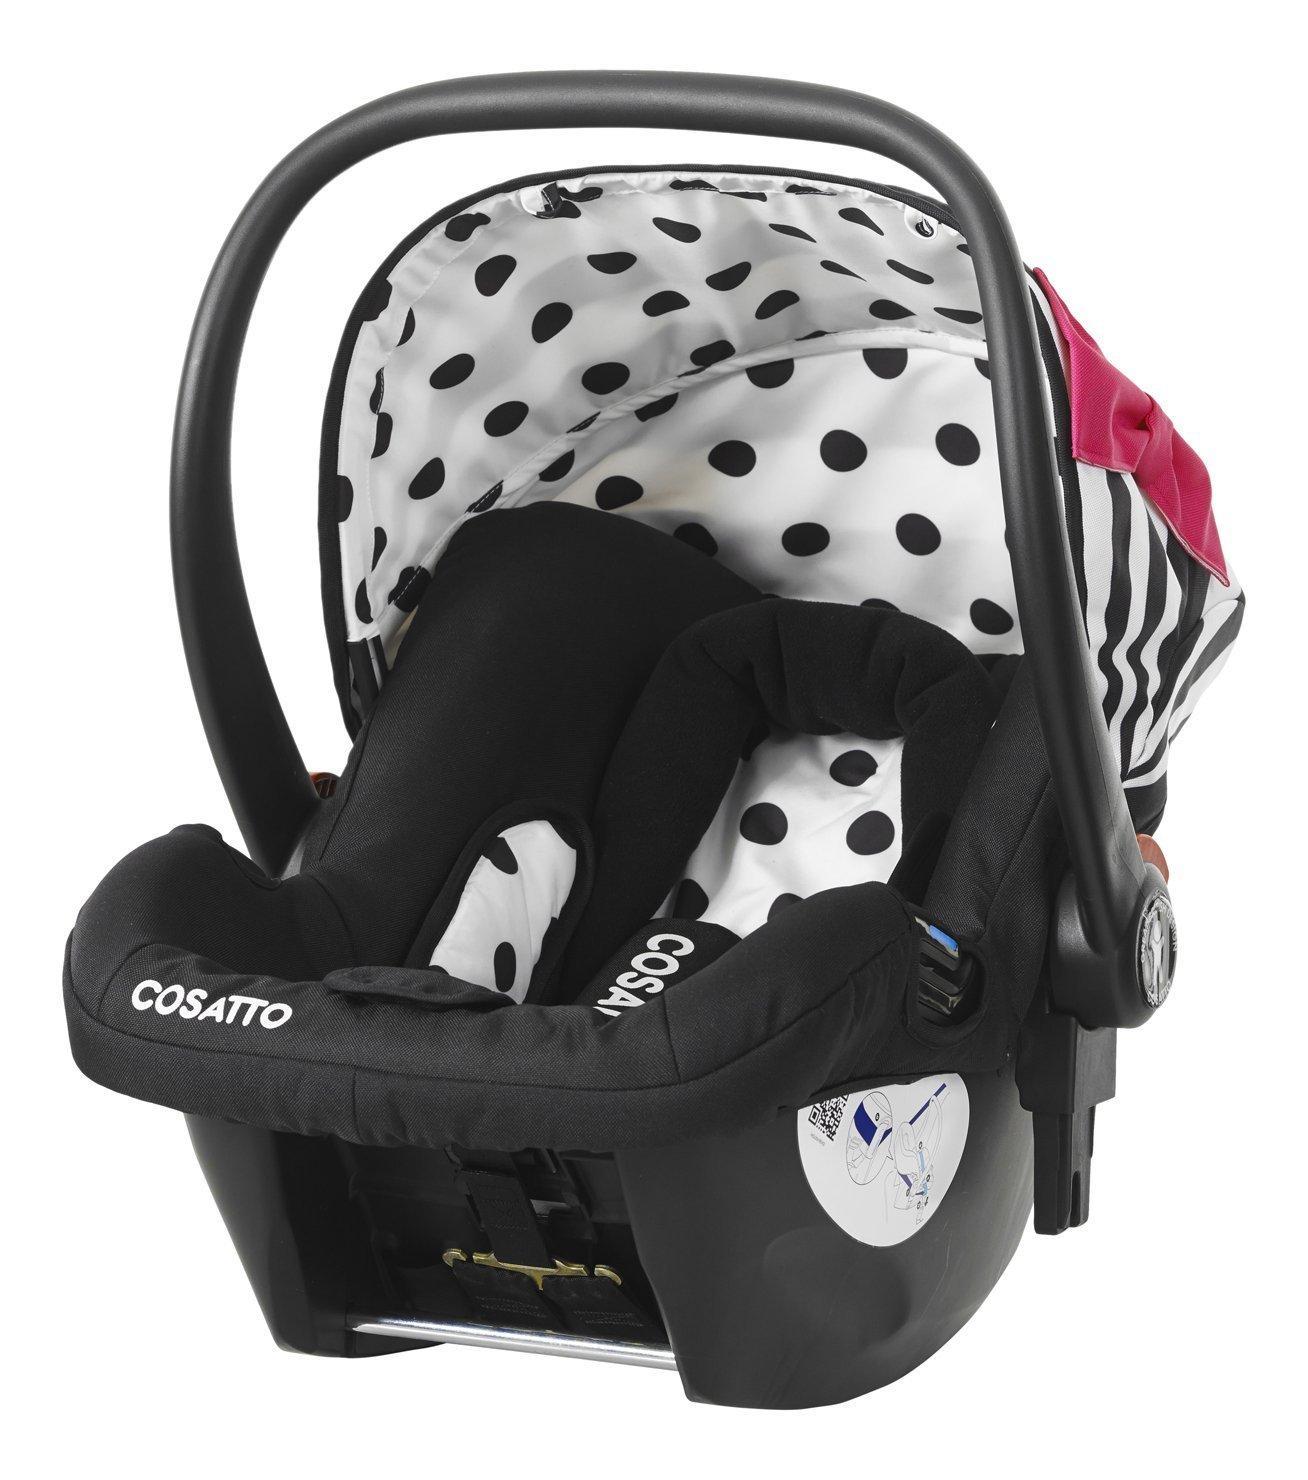 Cosatto Κάθισμα Aυτοκινήτου Aσφαλείας Hold Go Lightly 0-13Kg 3168 βόλτα   ασφάλεια   καθίσματα αυτοκινήτου   βρεφικά καθίσματα ασφαλείας αυτοκινήτ